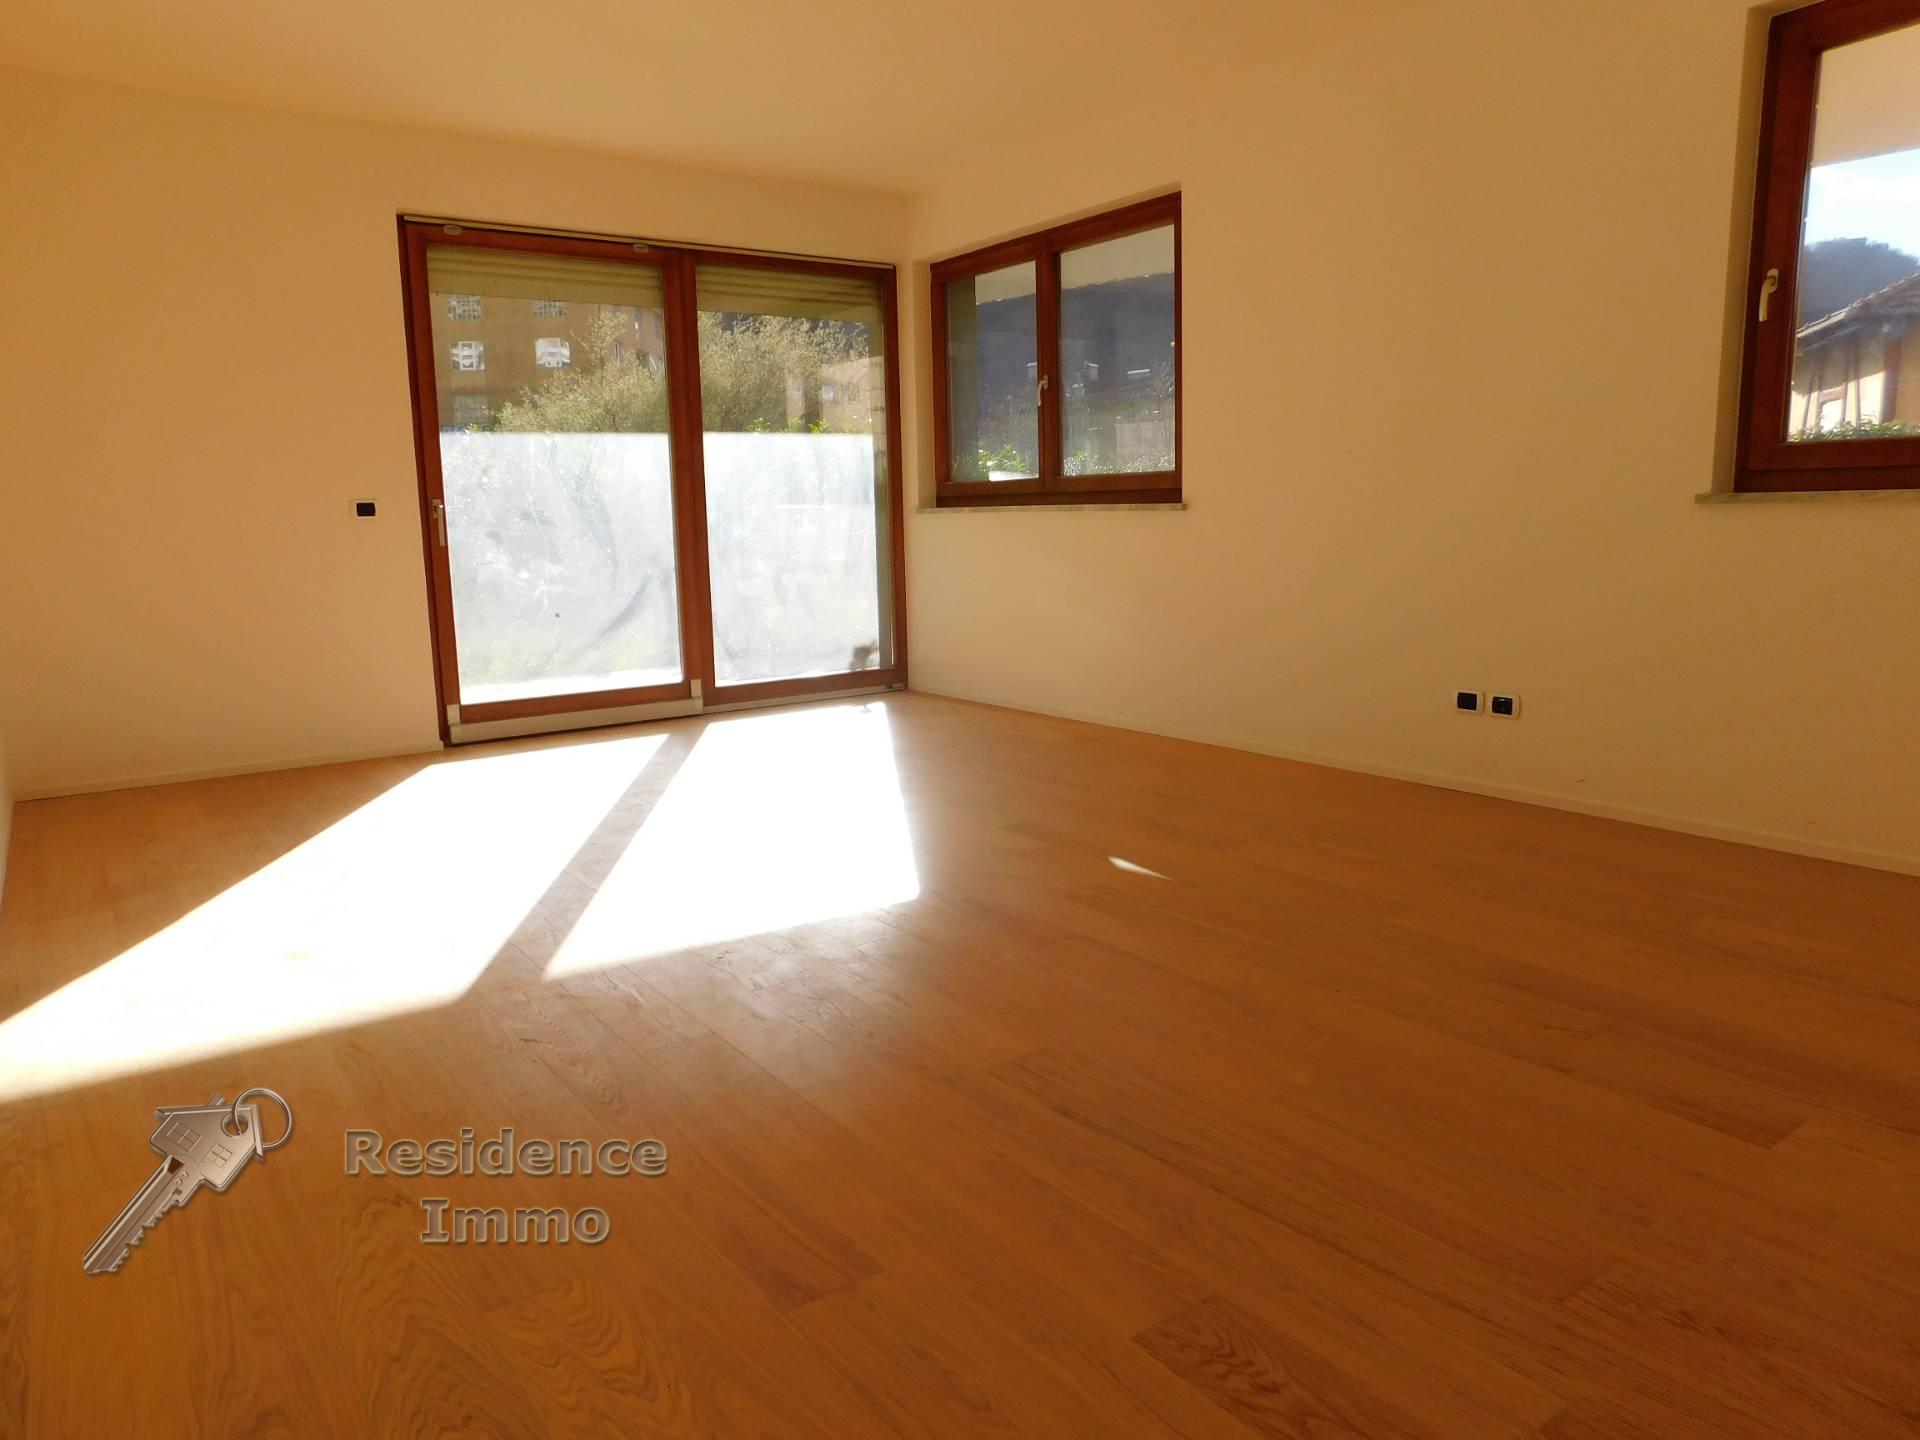 vendita appartamento bolzano centro  447700 euro  3 locali  124 mq